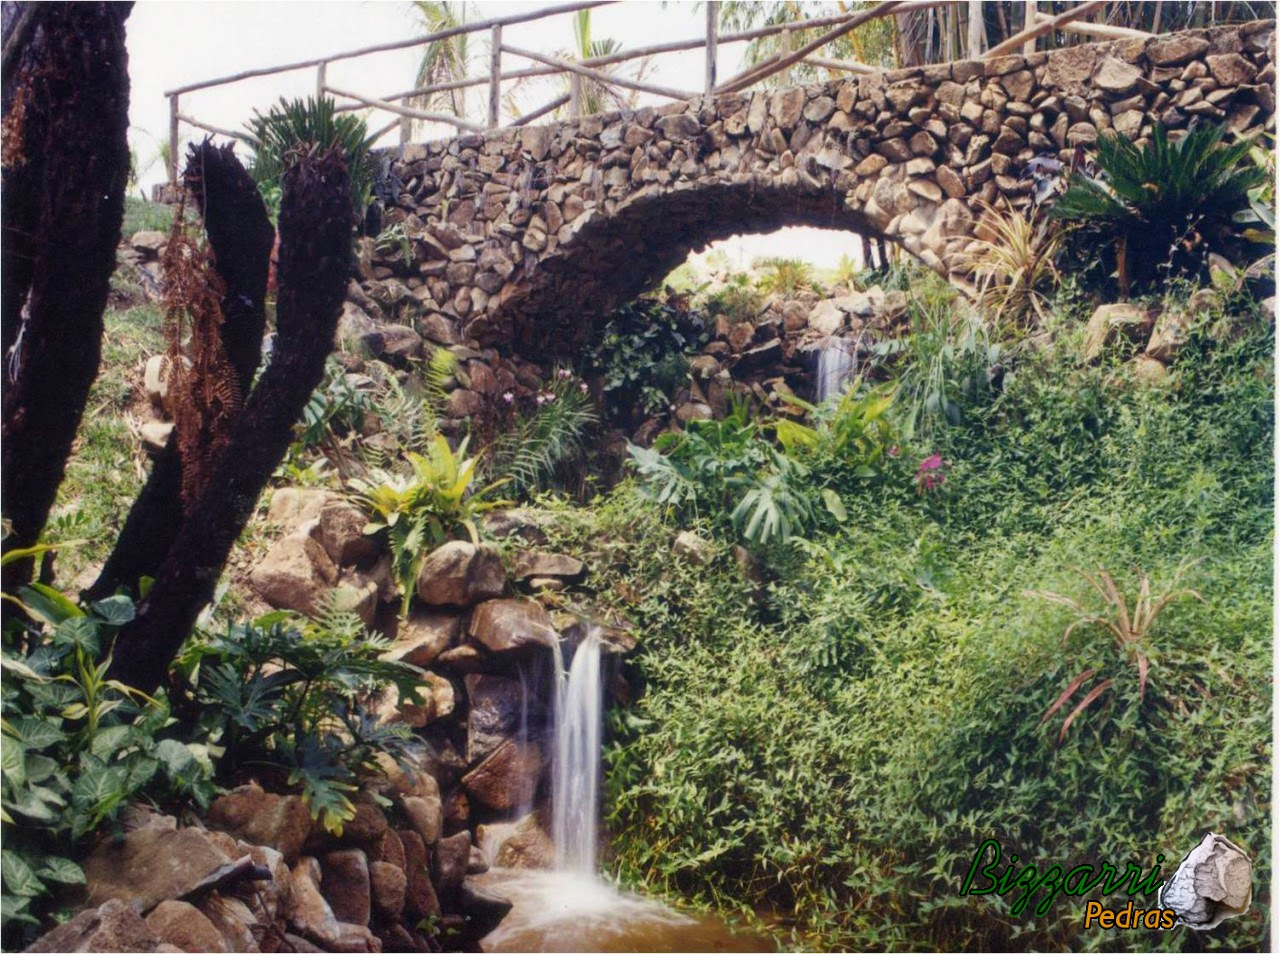 Nesse sítio em Limeira-SP executamos a construção dos lagos. Entre um lago e outro executamos um riacho com pedras e executamos a ponte com pedras com detalhe do guarda corpo da ponte em eucalipto tratado e o paisagismo.